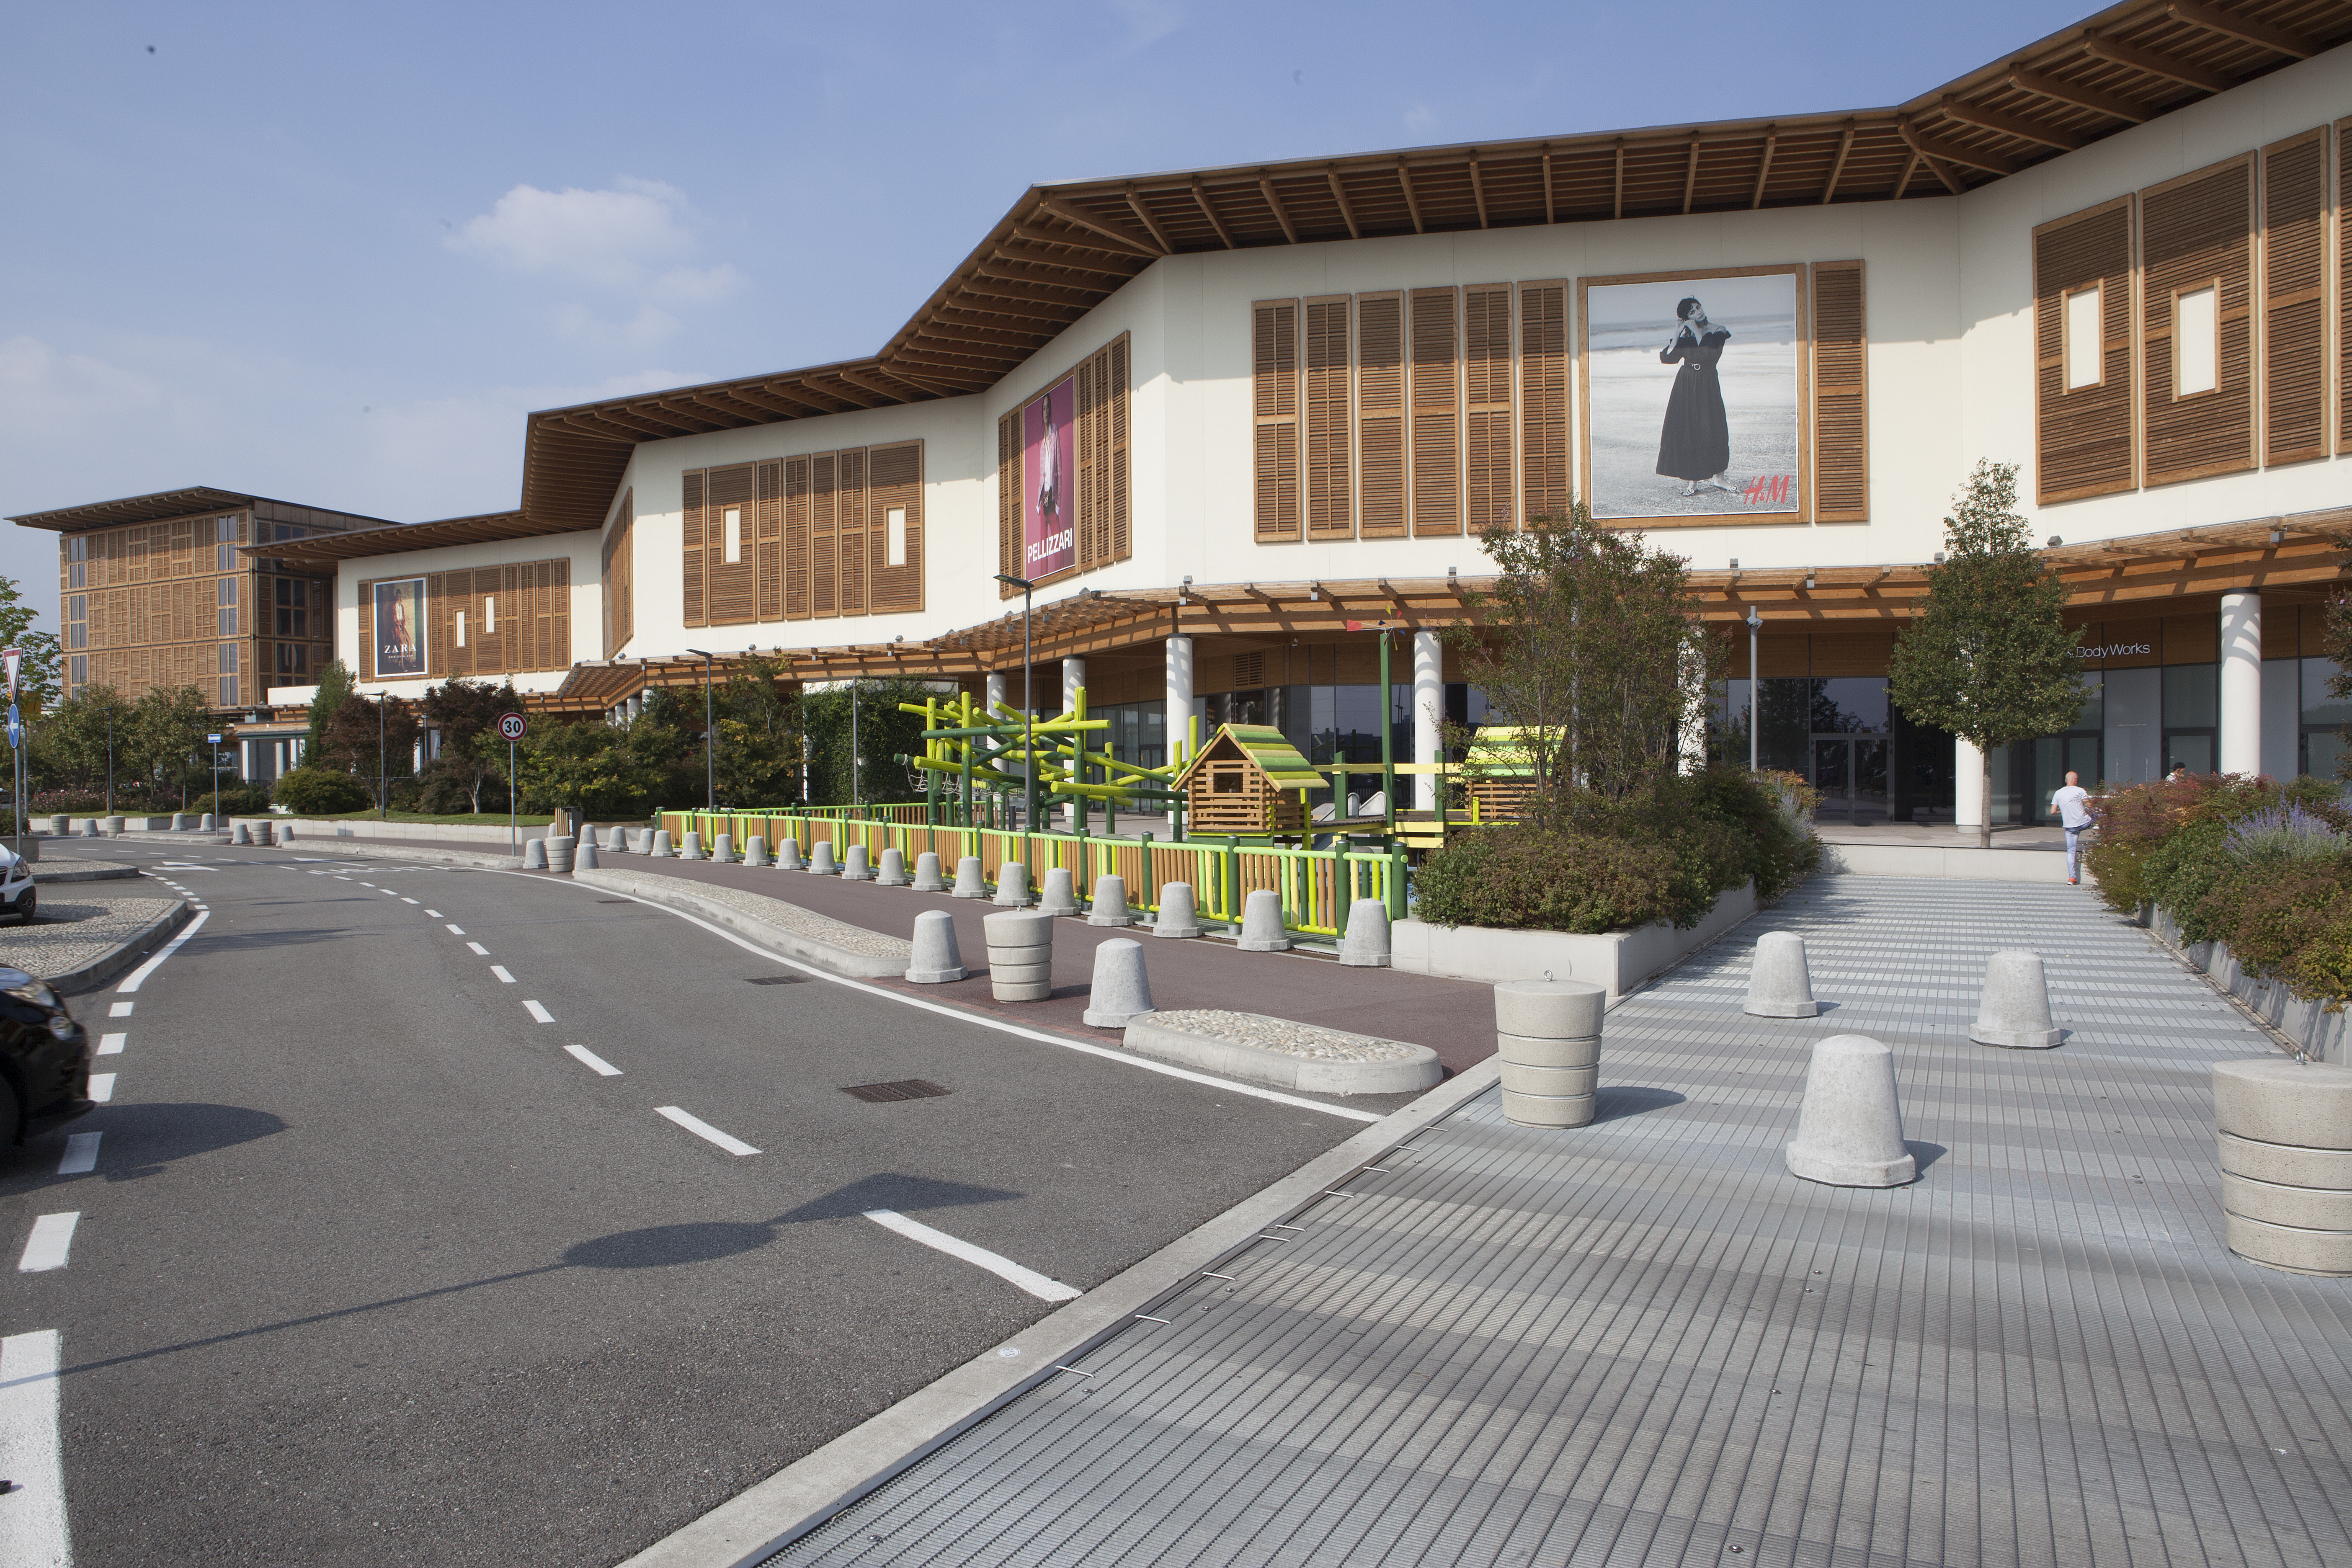 93 mila metro quadrati e ben 200 store: Il Centro di Arese